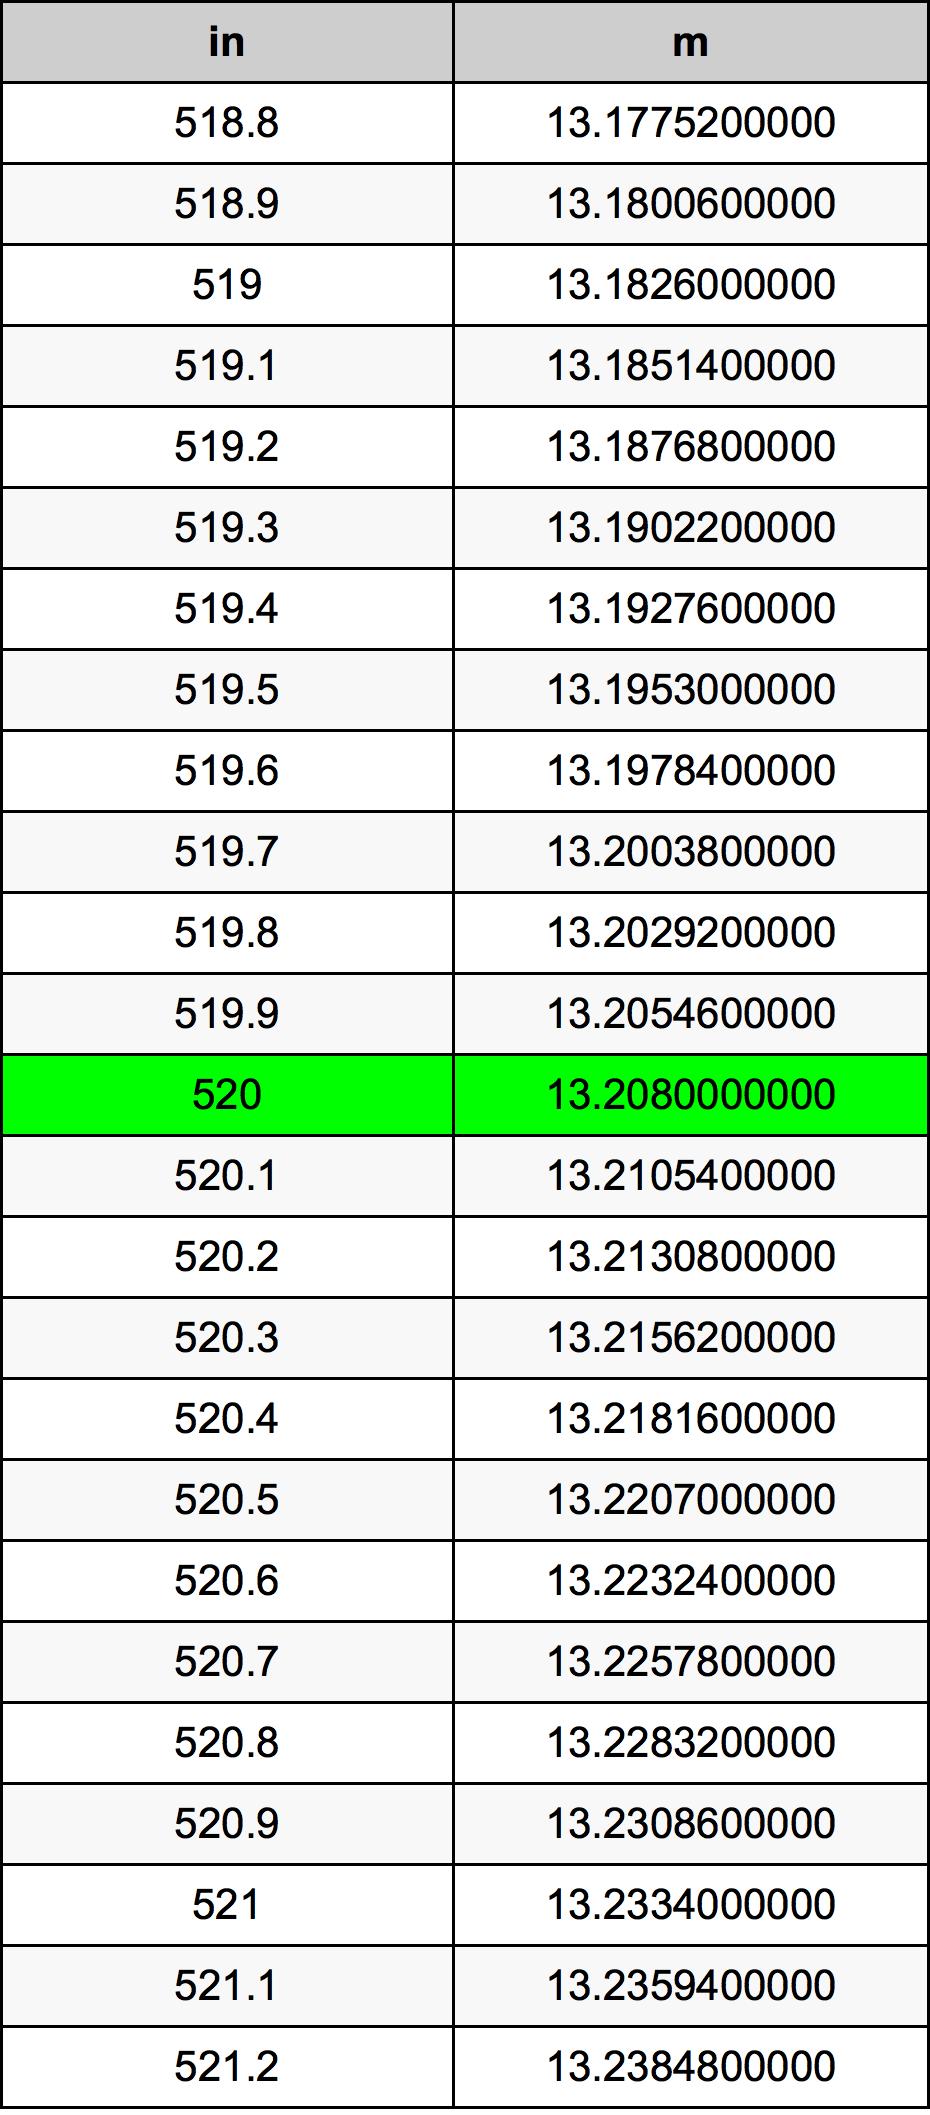 520 Pulzier konverżjoni tabella